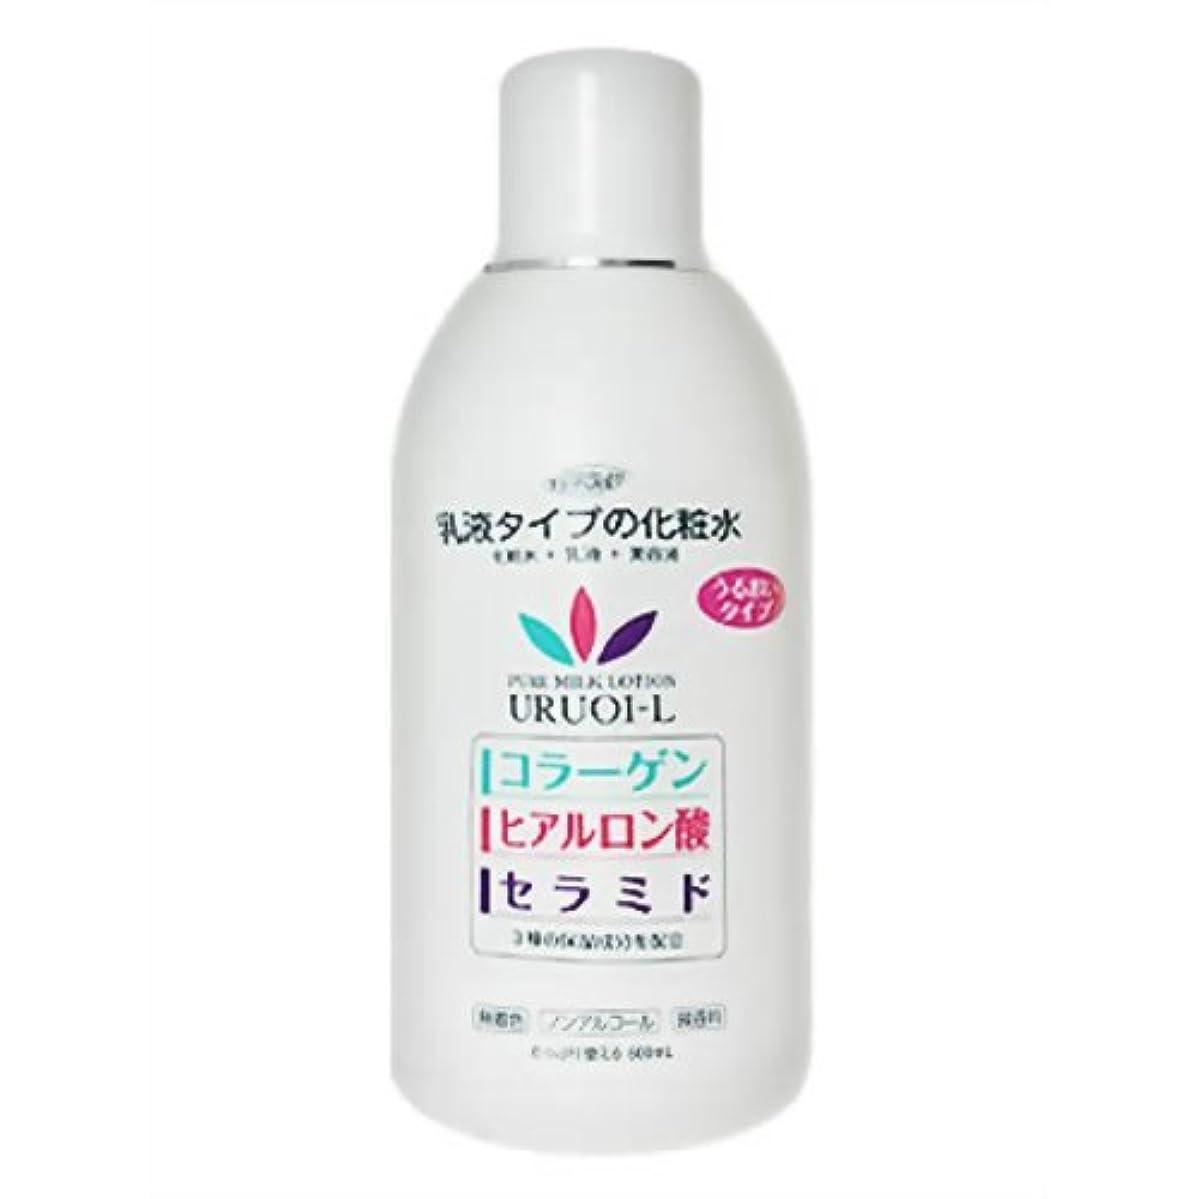 休日に潜在的なテニス乳液タイプの化粧水 うるおい 500ml×3個セット